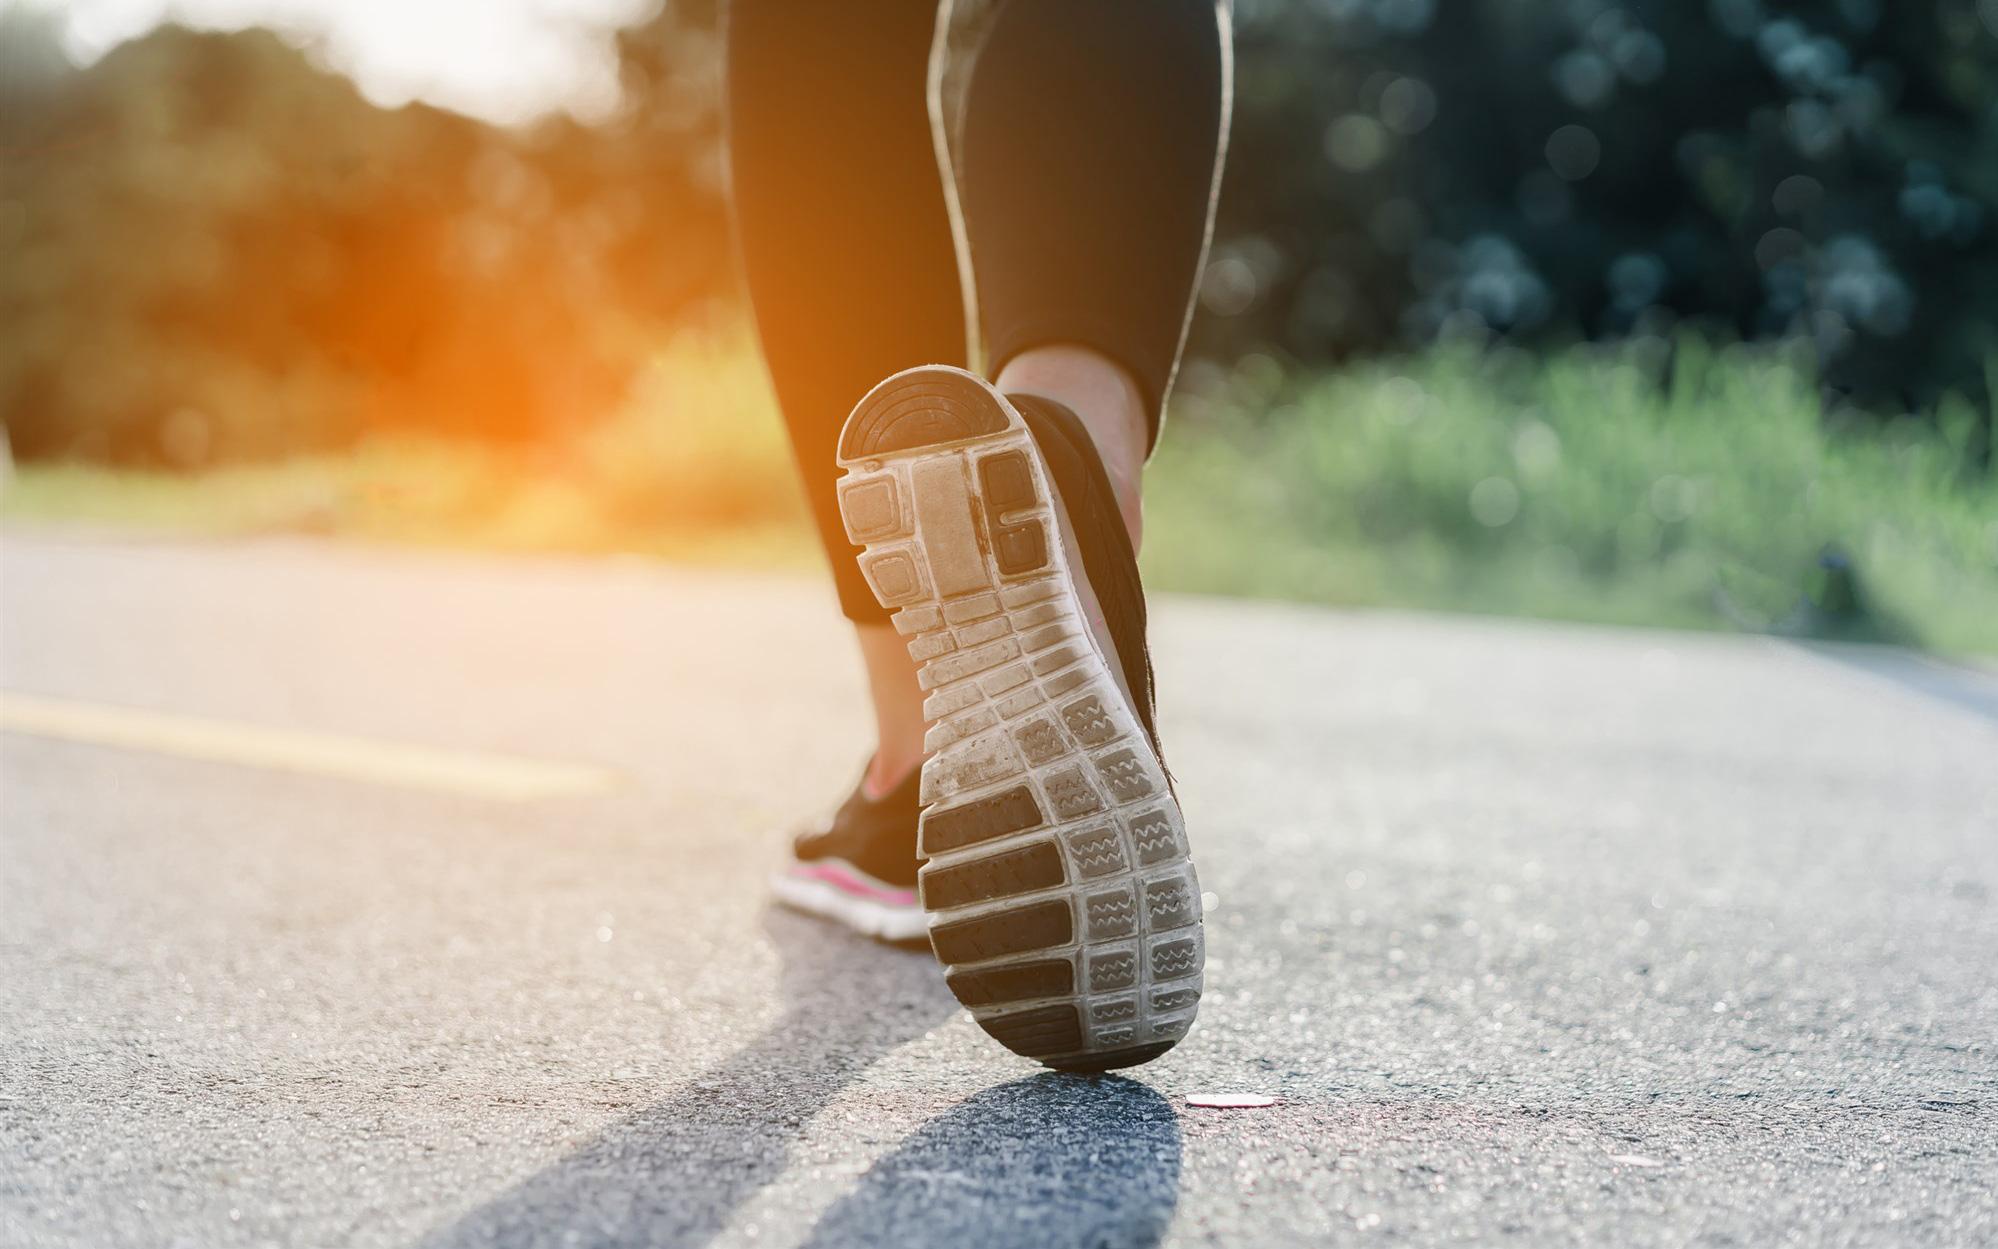 """Áp dụng những kỹ thuật """"lợi hại"""" này, việc đi bộ mỗi ngày cũng hiệu quả chẳng kém tập thể dục hay hành thiền: Dân công sở bận rộn nên thử"""